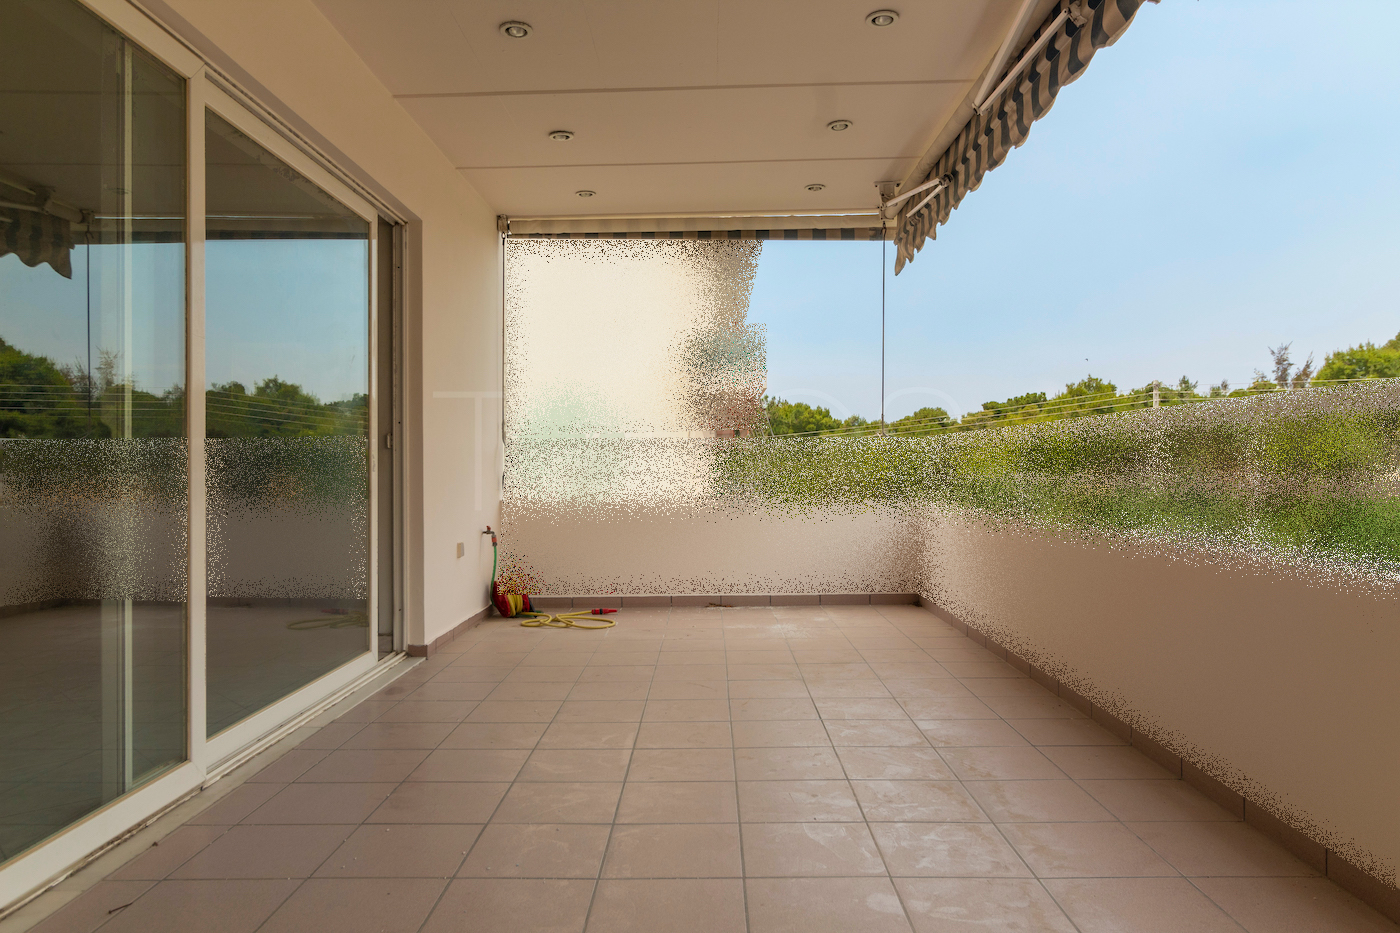 ΠΩΛΕΙΤΑΙ στο ΚΑΛΑΜΑΚΙ ΑΛΙΜΟΥ διαμέρισμα 2ου ορόφου 135 μ²